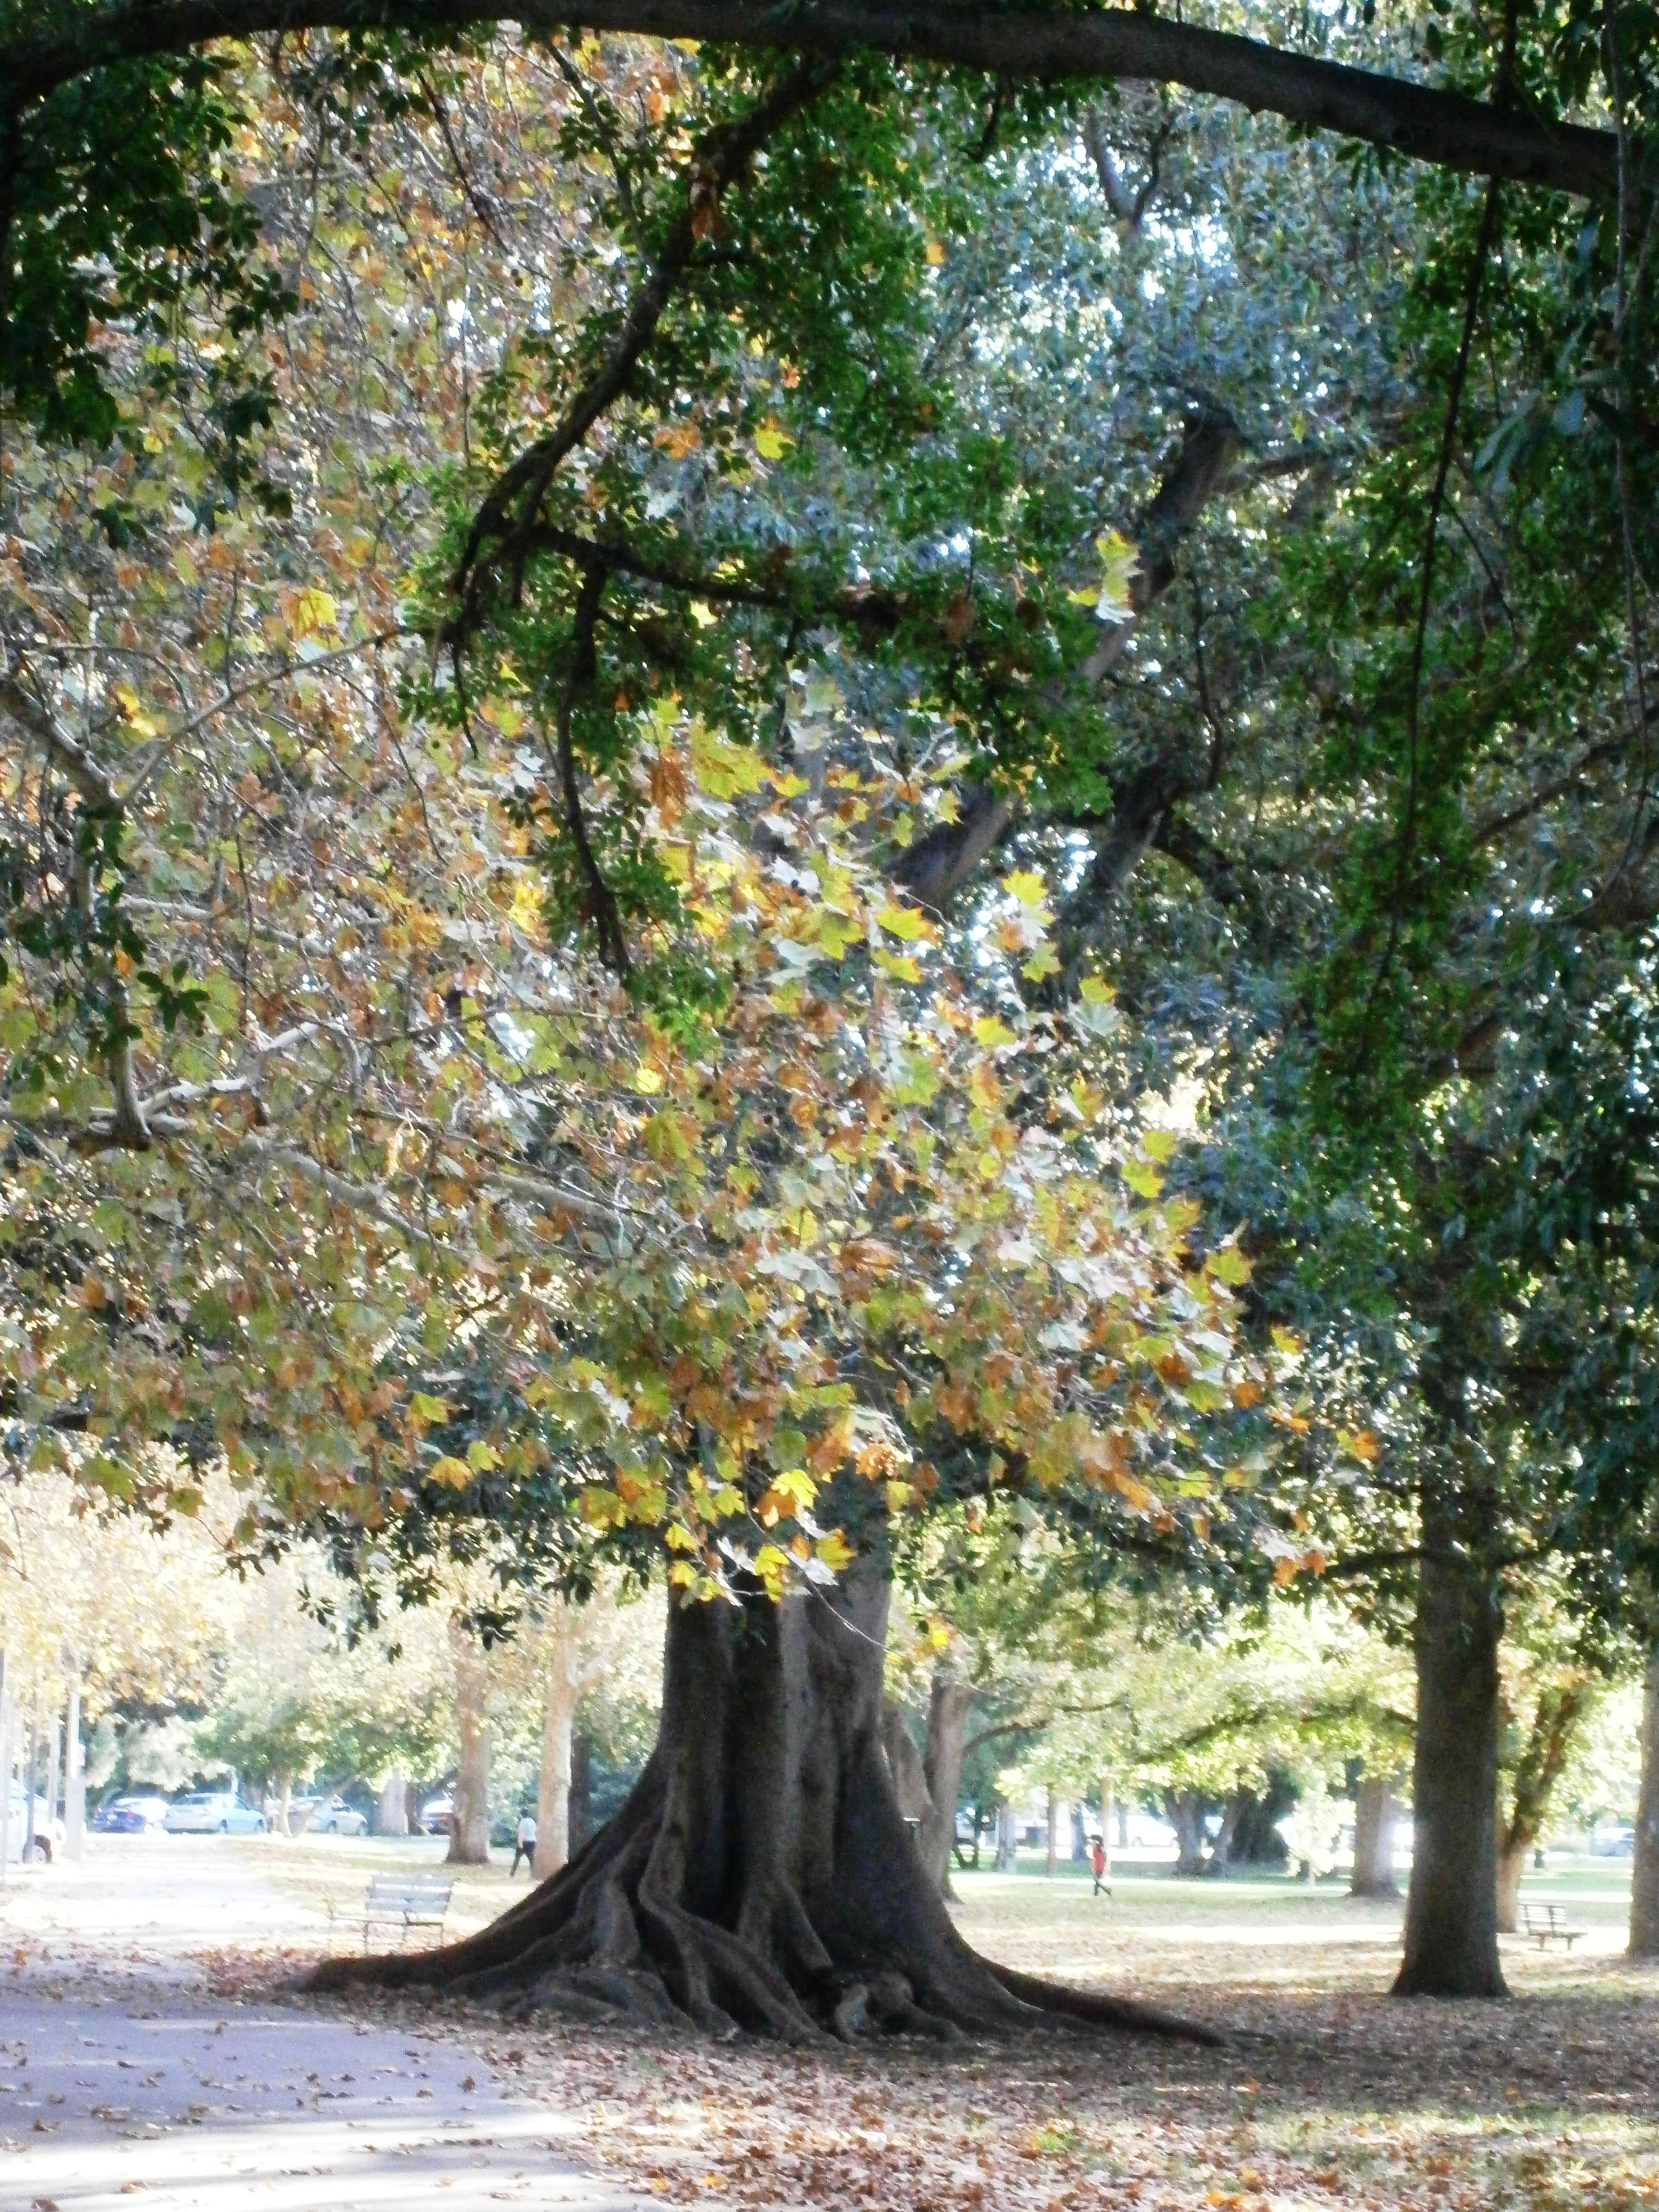 Autumn Plane Tree Adelaide South Australia